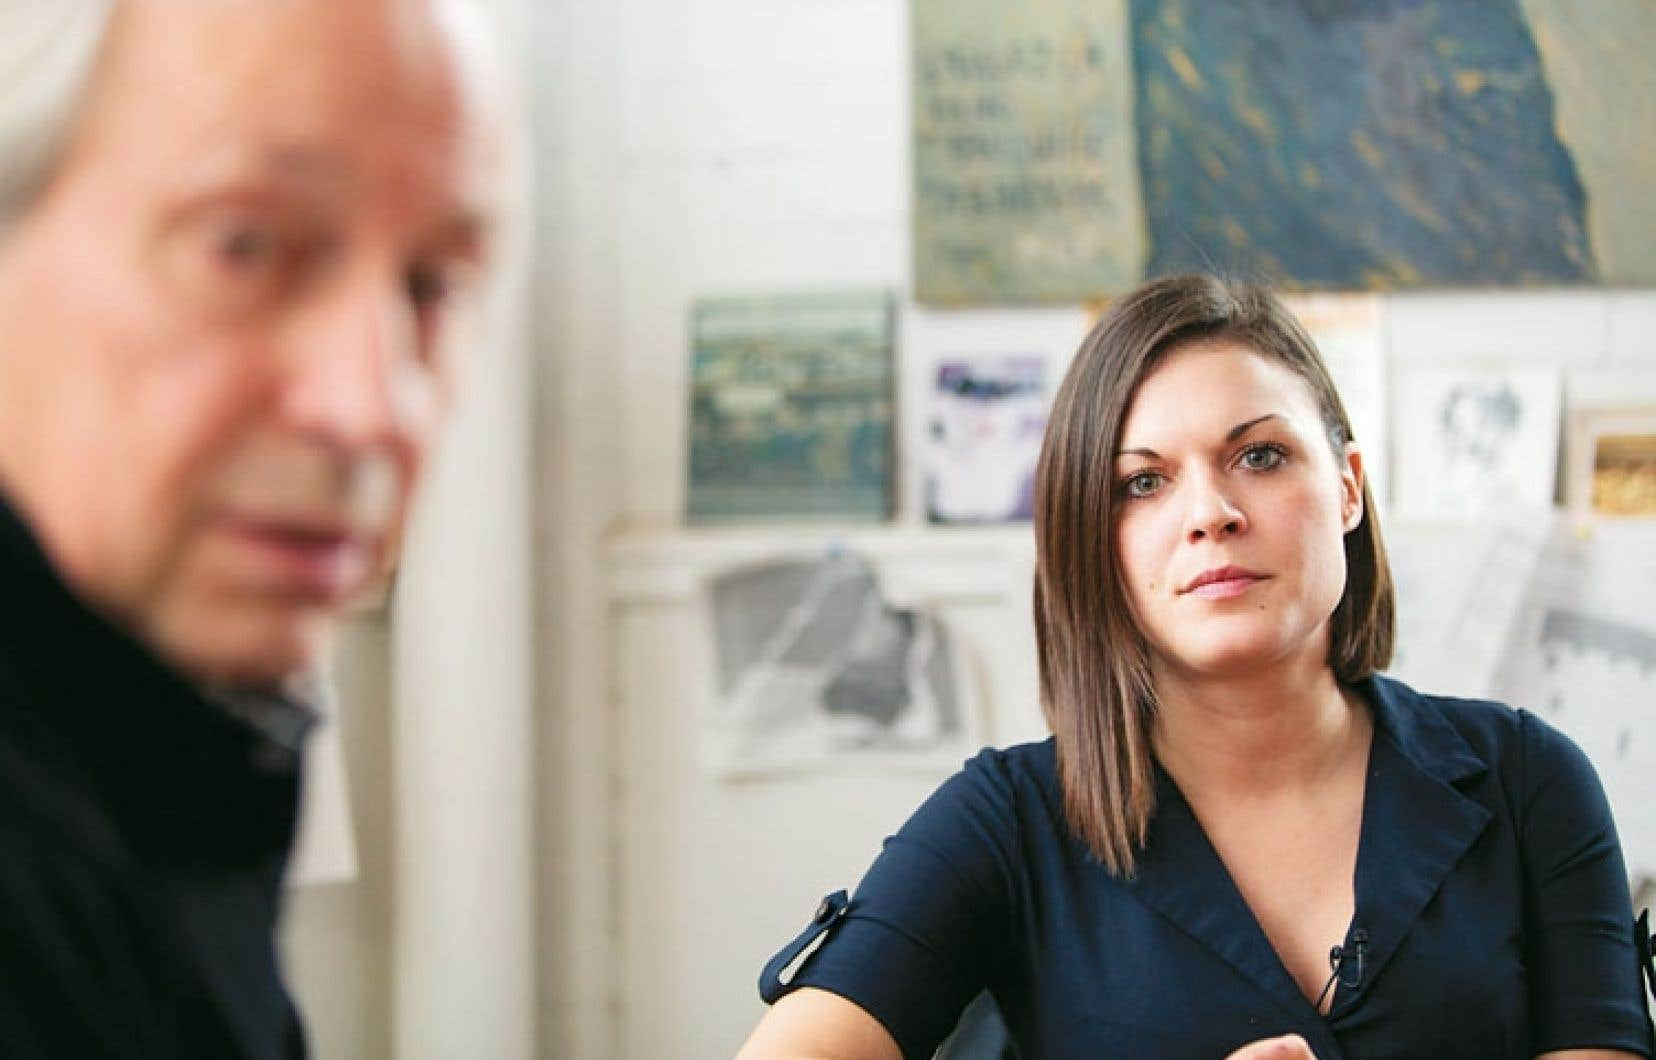 Le cinéaste Jean-Claude Lord et Émilie Laliberté, la directrice générale de l'organisme Stella, qui milite pour la défense des droits des travailleuses du sexe.